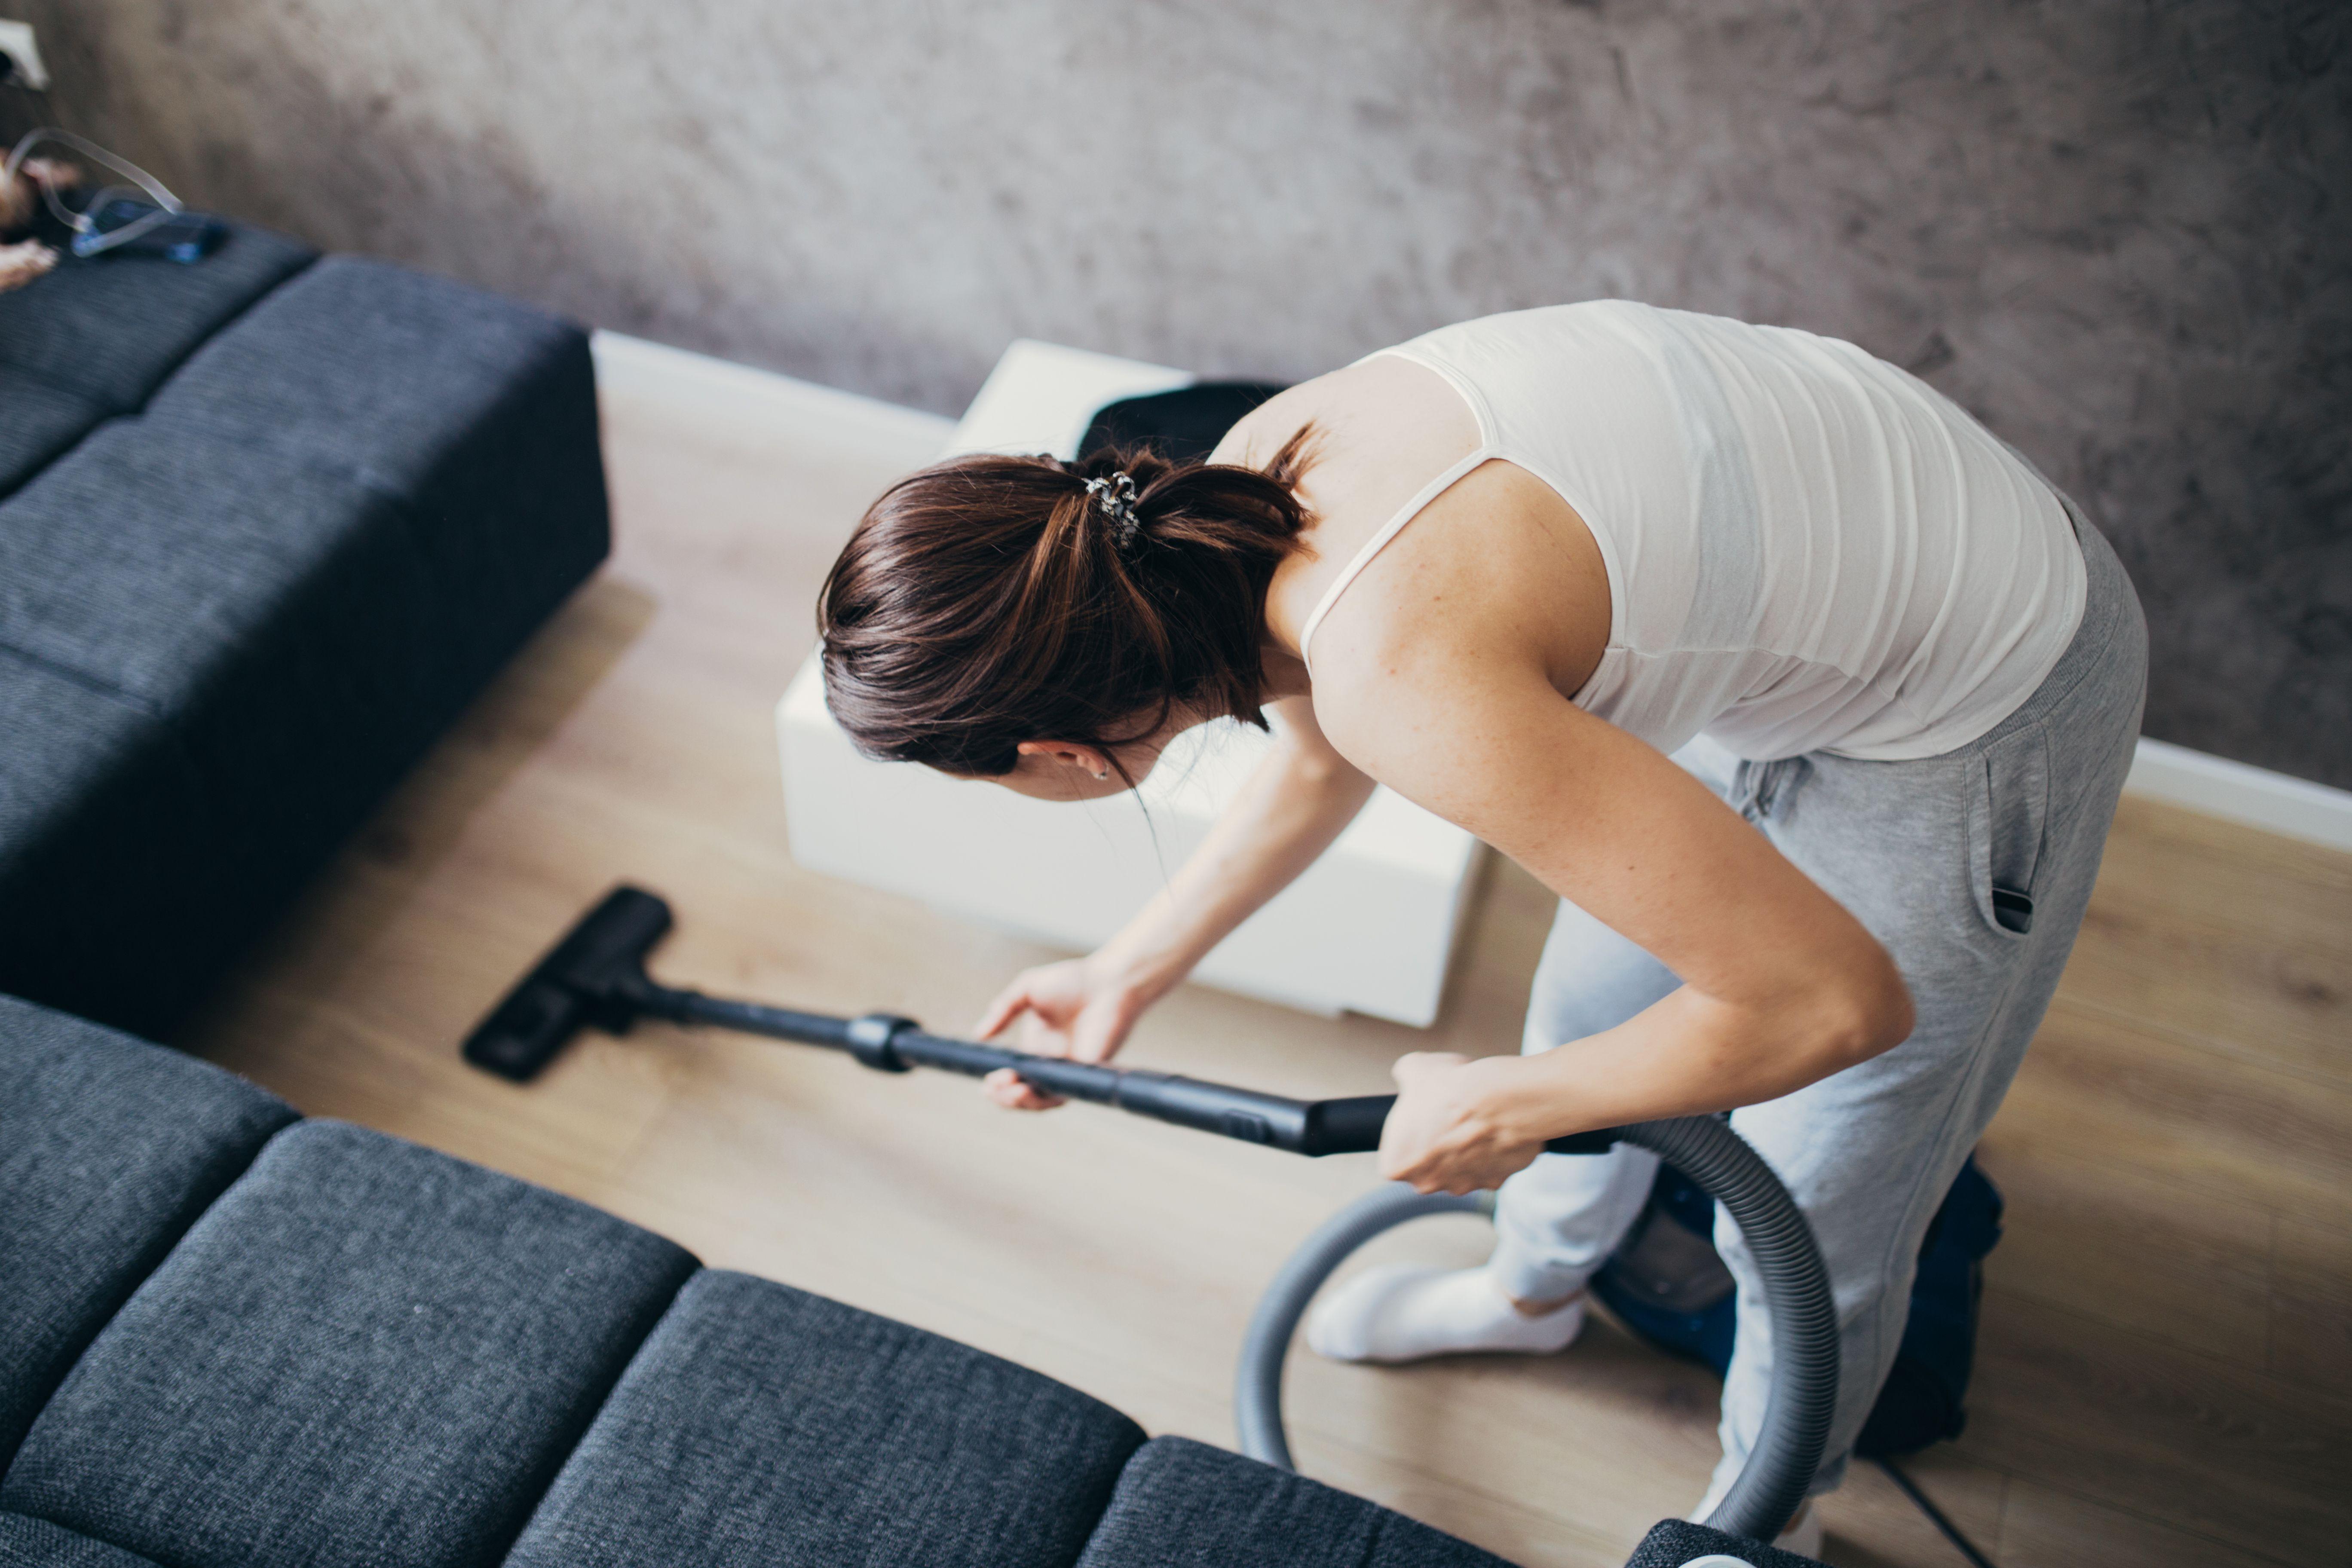 Clean Under Furniture